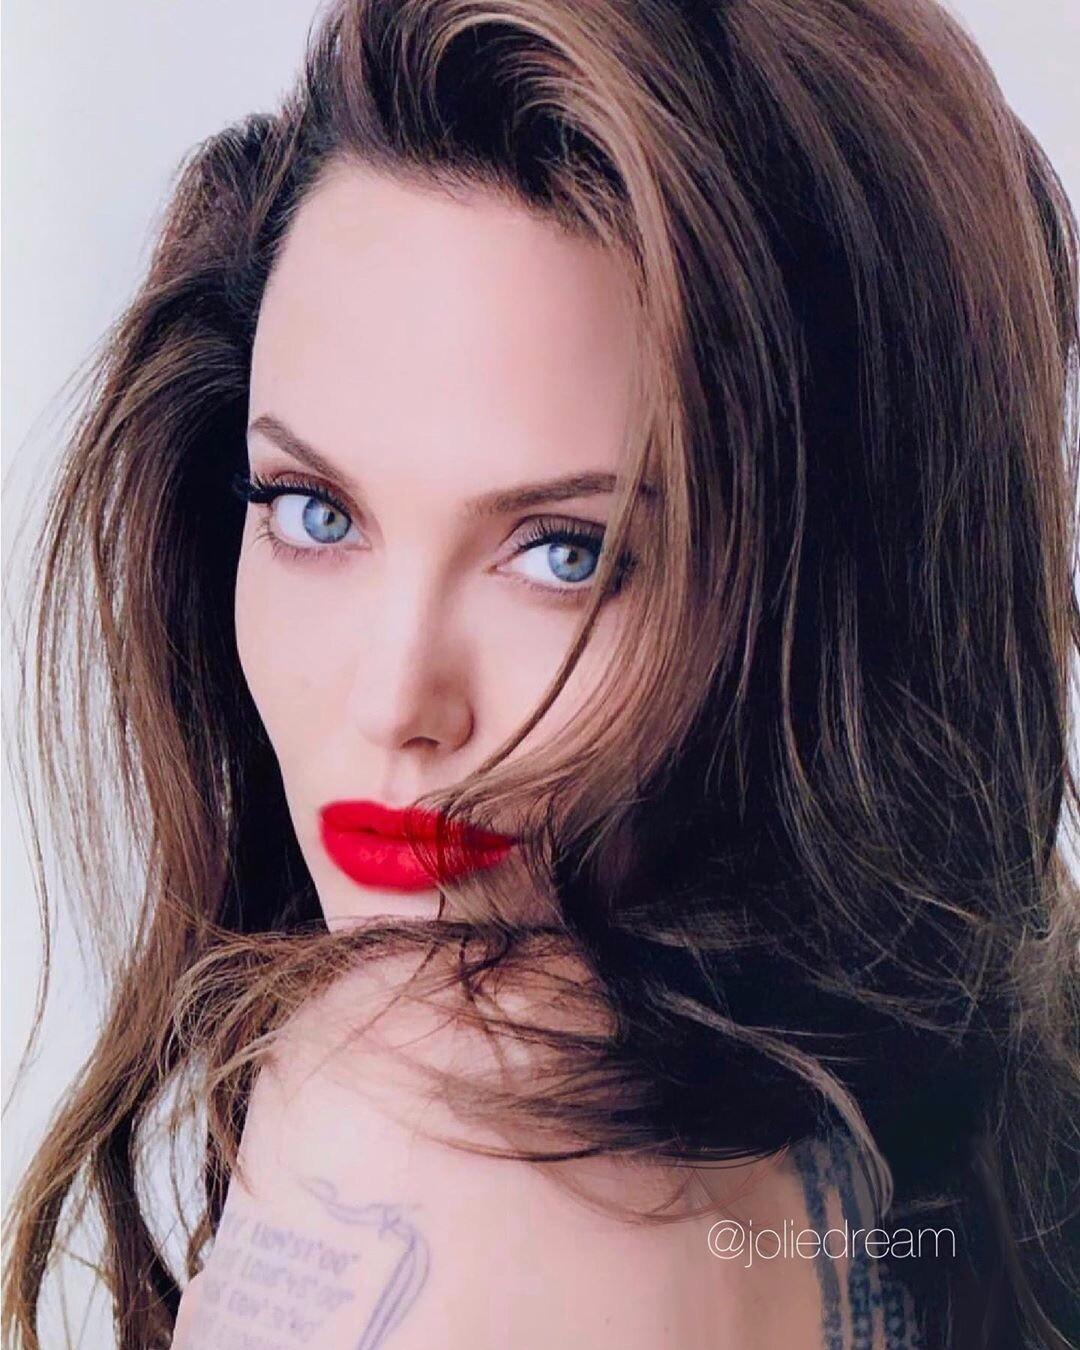 Анджелина Джоли снялась в новой рекламе парфюма полностью обнаженной